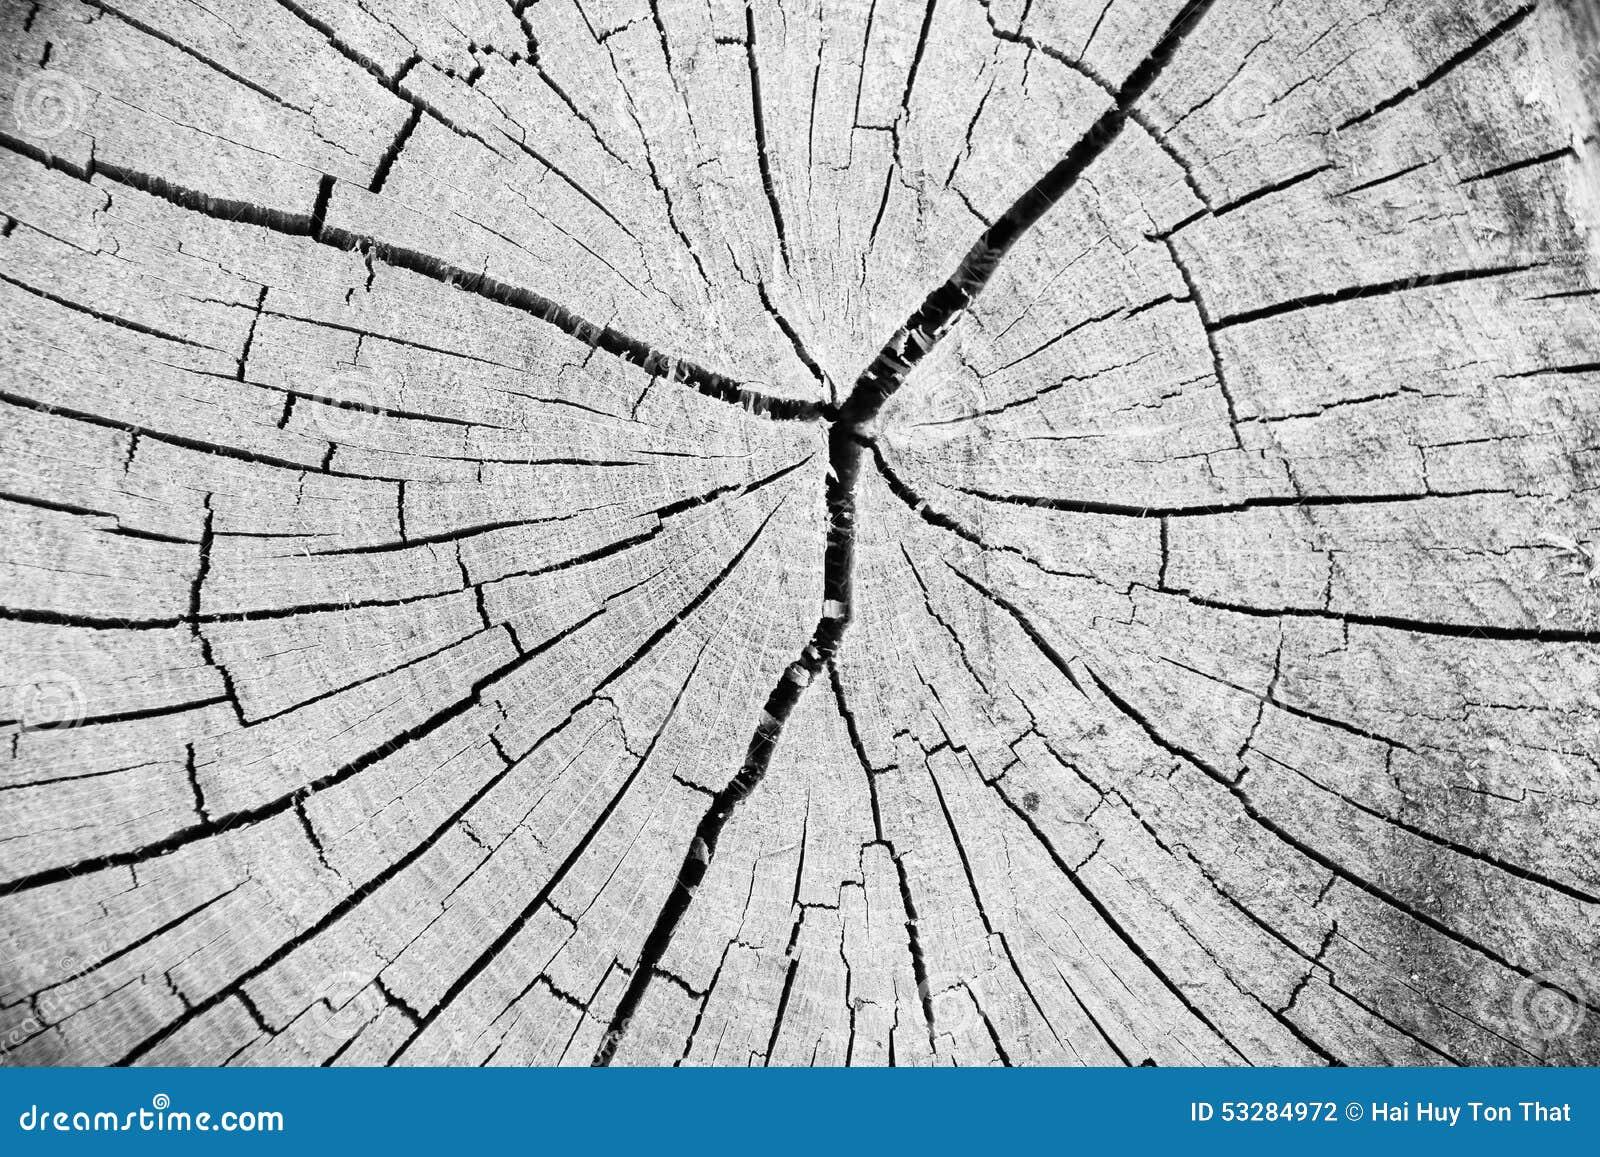 tronc d 39 arbre en bois de coupe de texture photo stock image du chemin e vieillissement 53284972. Black Bedroom Furniture Sets. Home Design Ideas